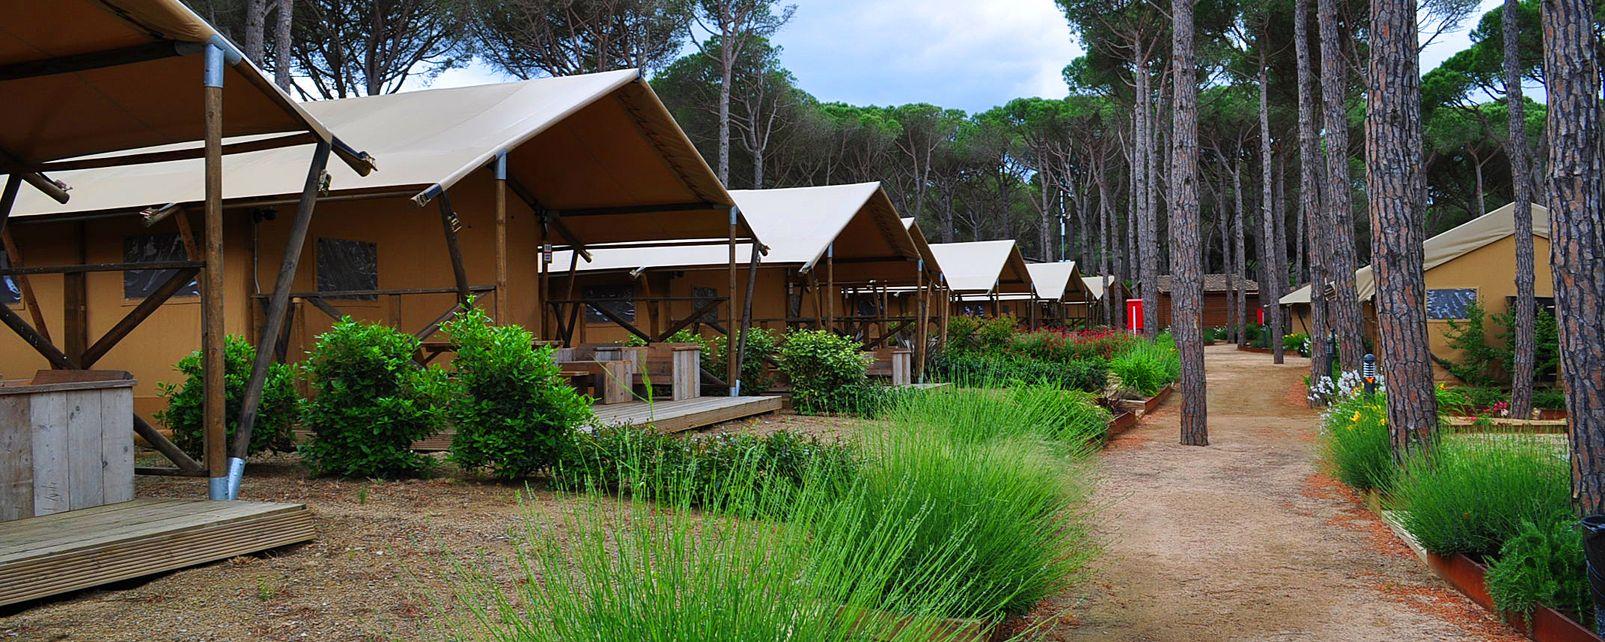 Hôtel Camping Cypsela Resort